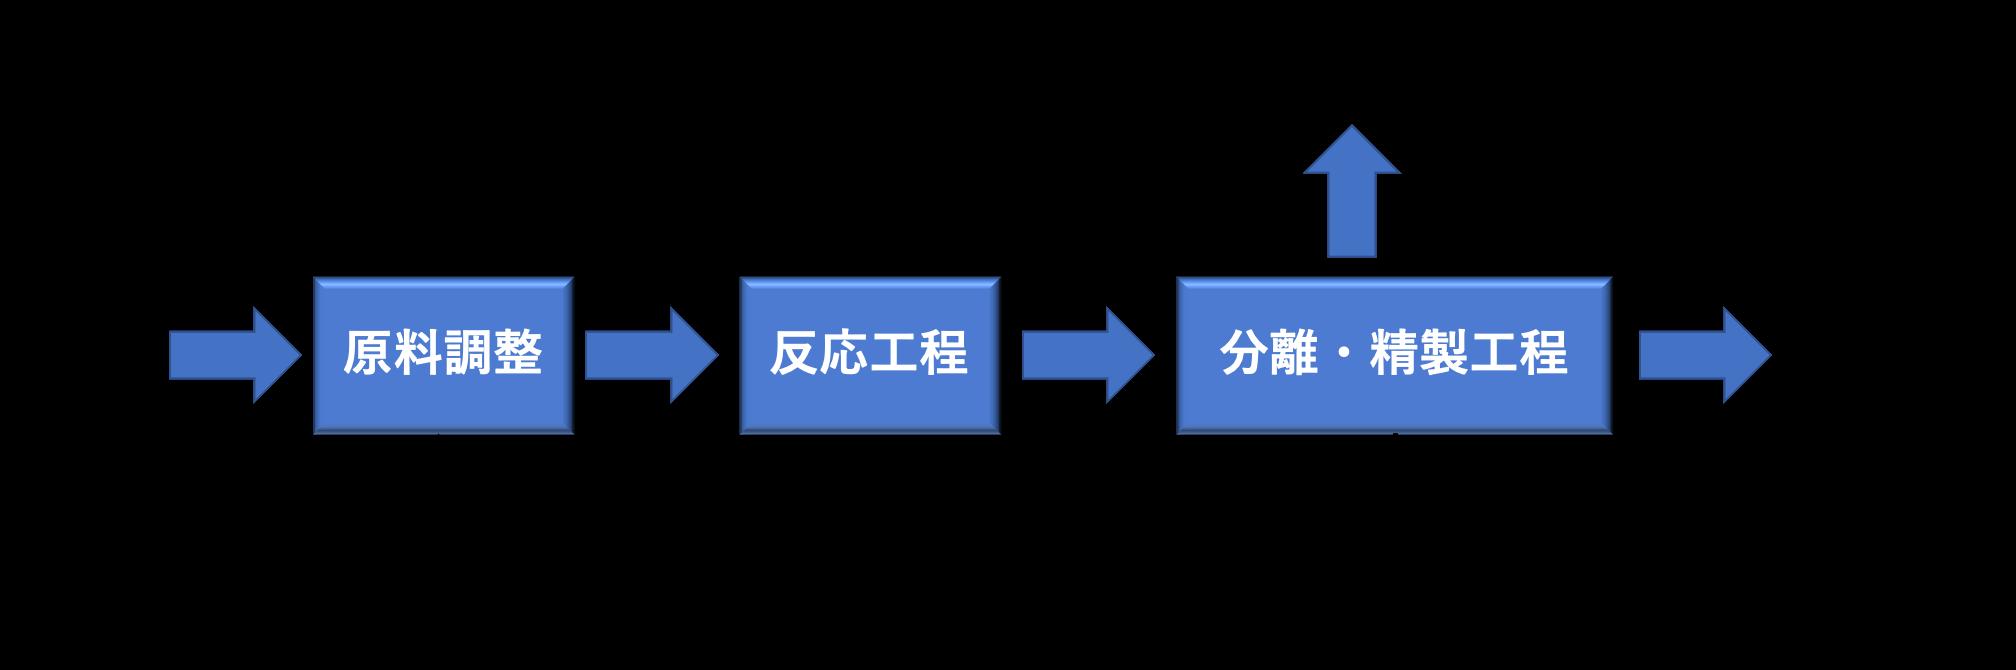 製造プロセスフロー